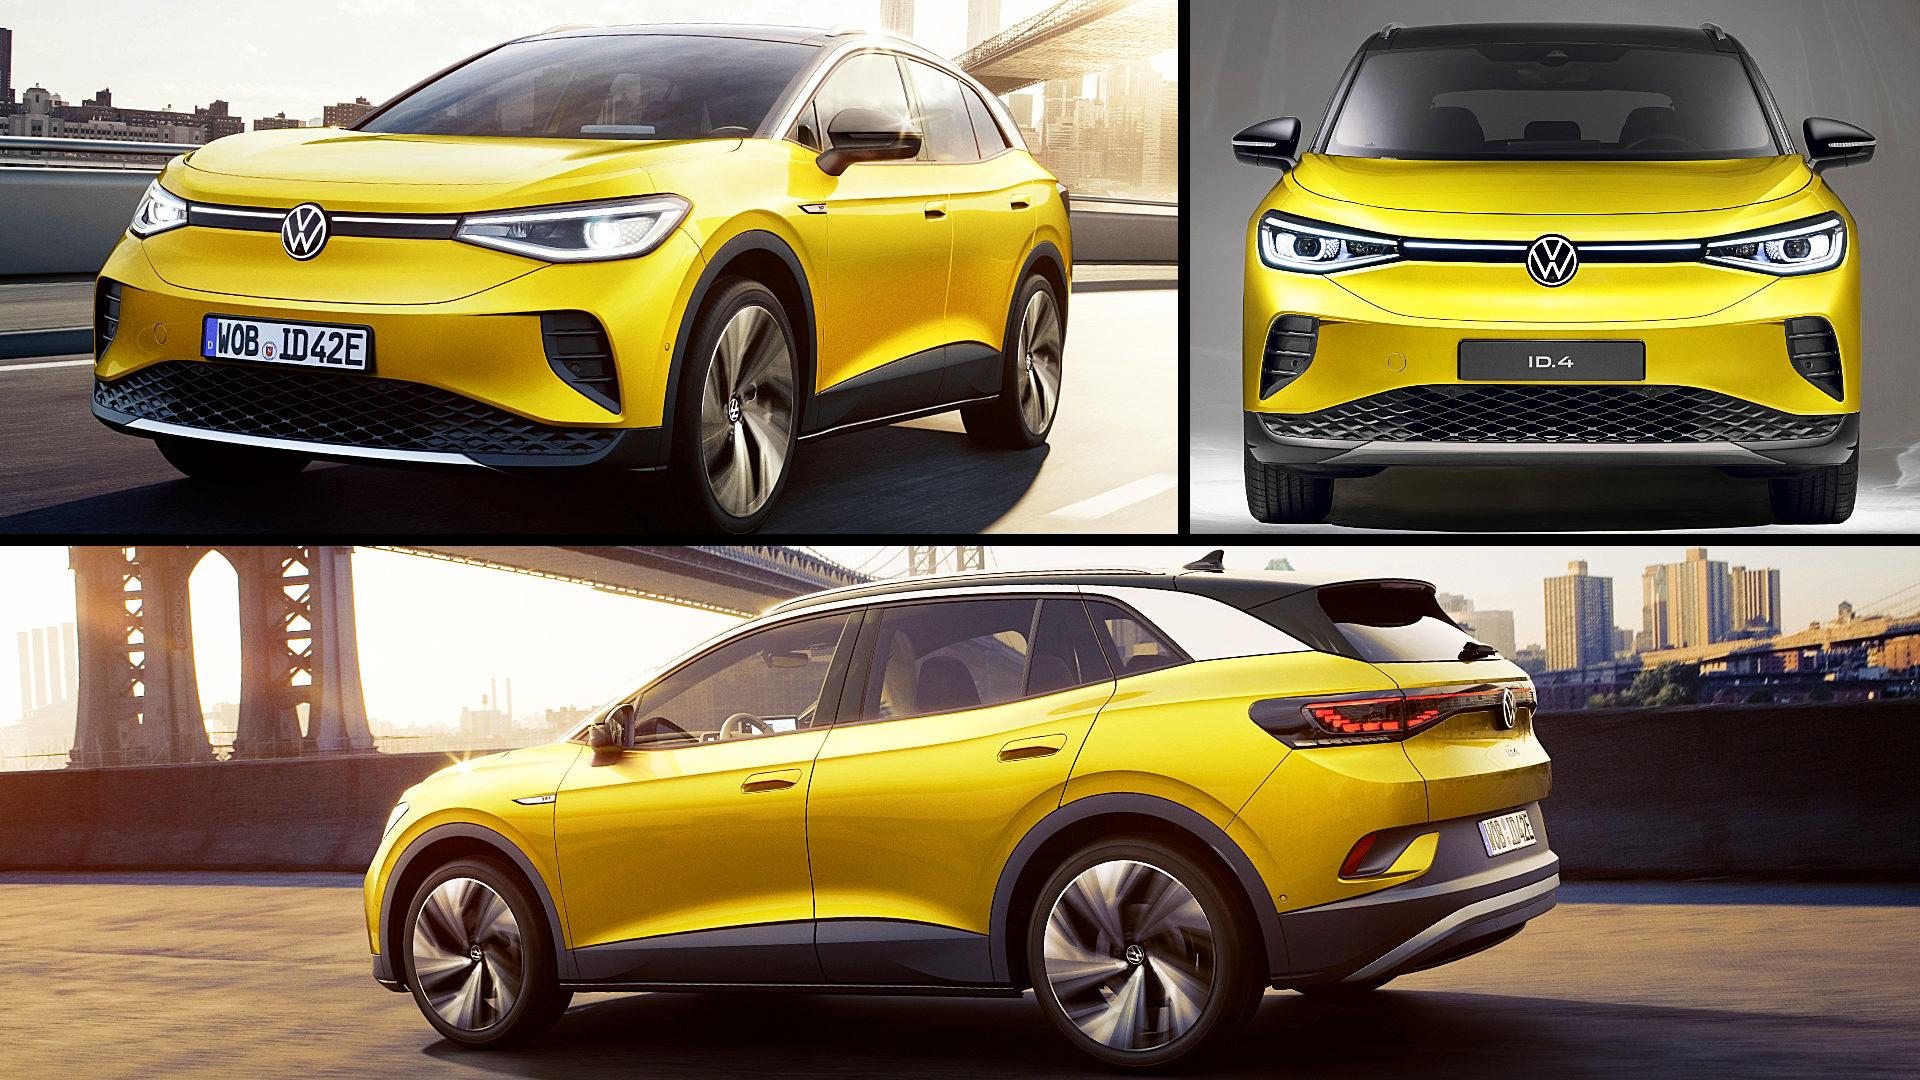 2021 Vw ID 4 Electric Car